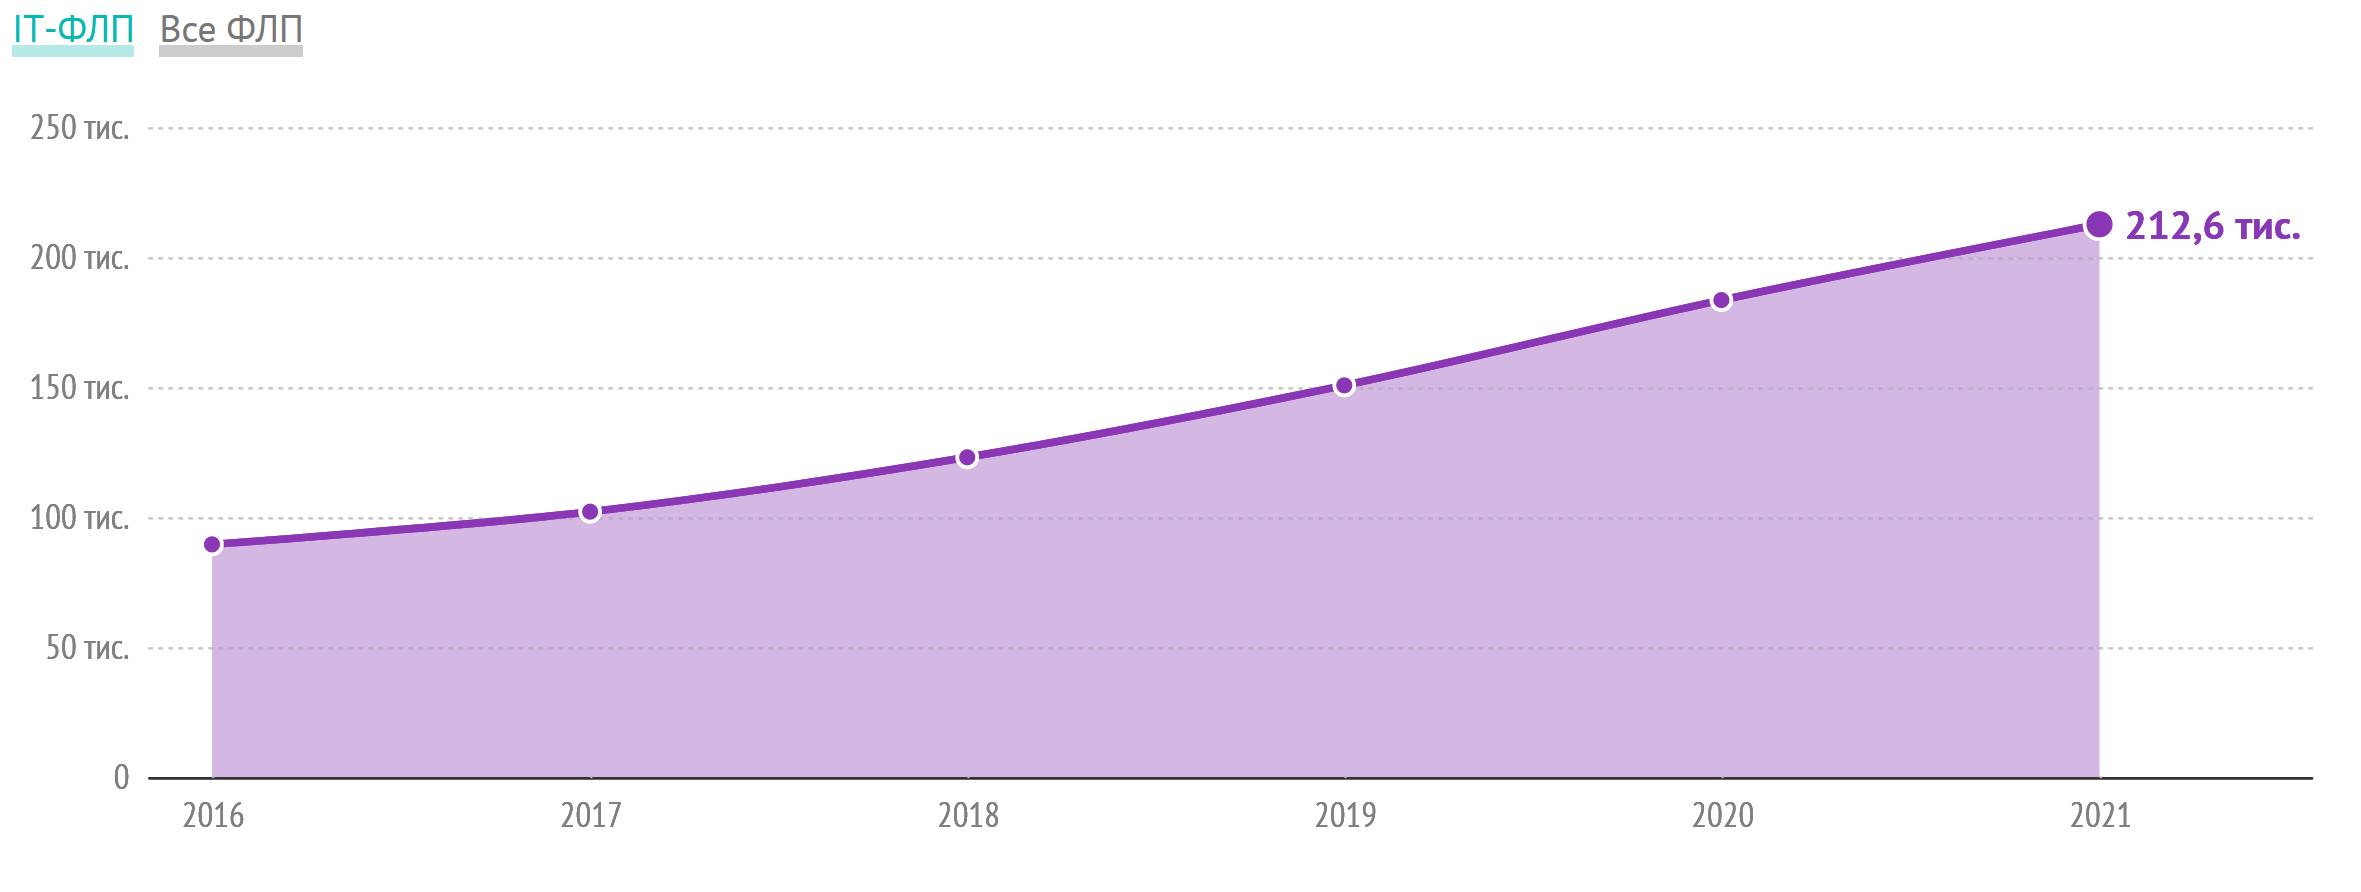 Перевод В Украине насчитывается 212 500 ИТ-ФЛП, за последний год их количество увеличилось на 29 тыс. ( 16)